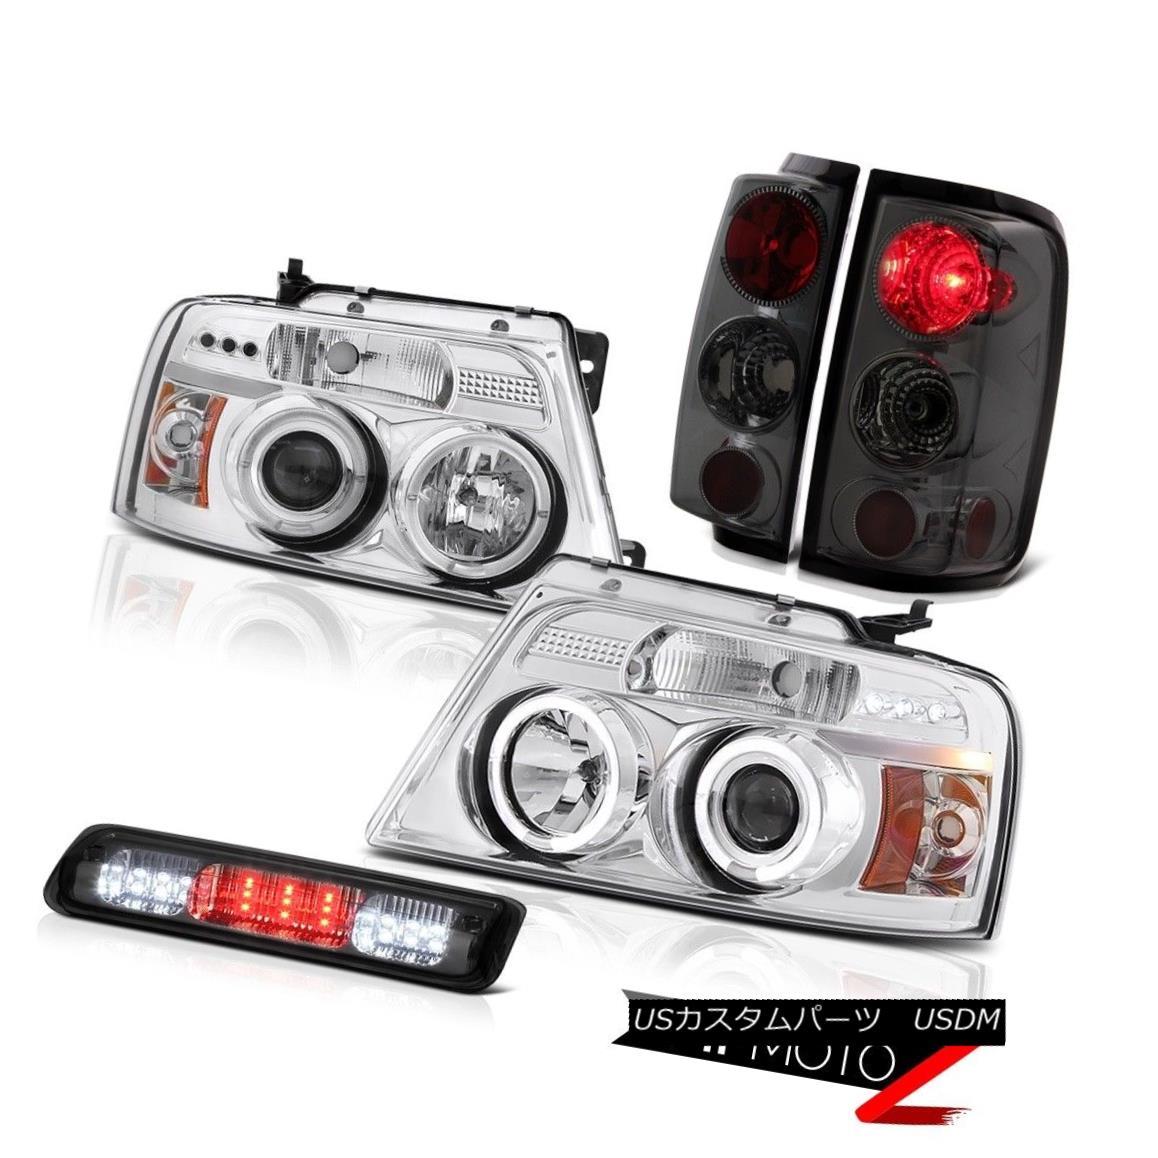 テールライト 04-08 Ford F150 XL Dark Smoke High Stop Light Projector Headlamps Taillights LED 04-08 Ford F150 XLダークスモークハイストップライトプロジェクターヘッドランプテールライトLED